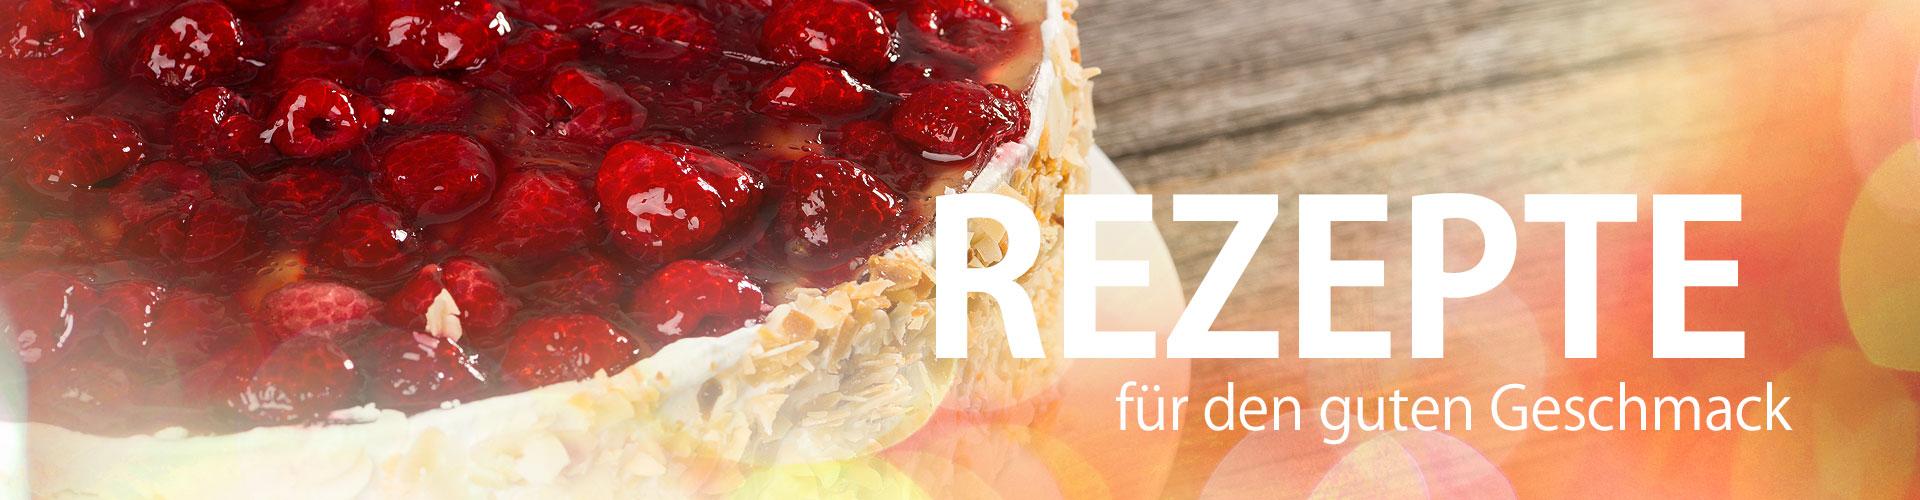 rez1.jpg